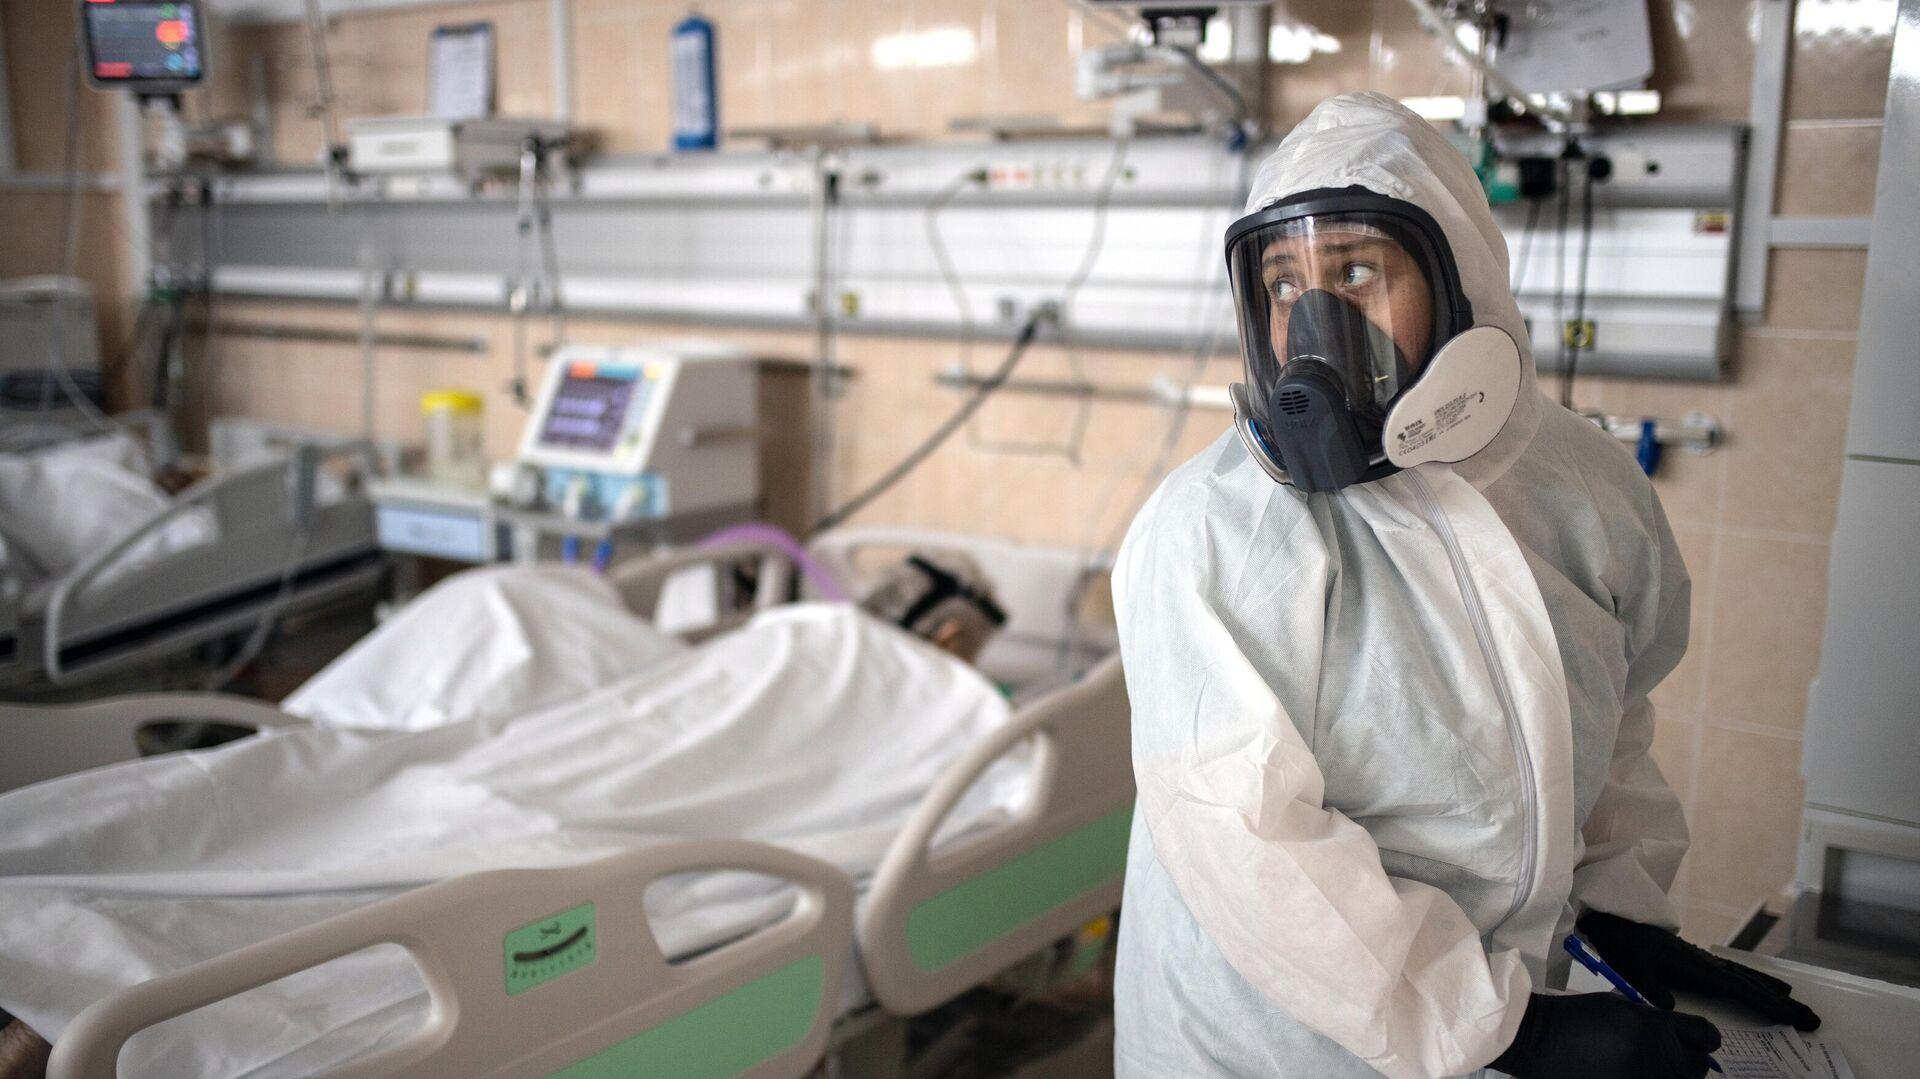 Медицинские работники в приемном отделении госпиталя COVID-19 - РИА Новости, 1920, 02.12.2020